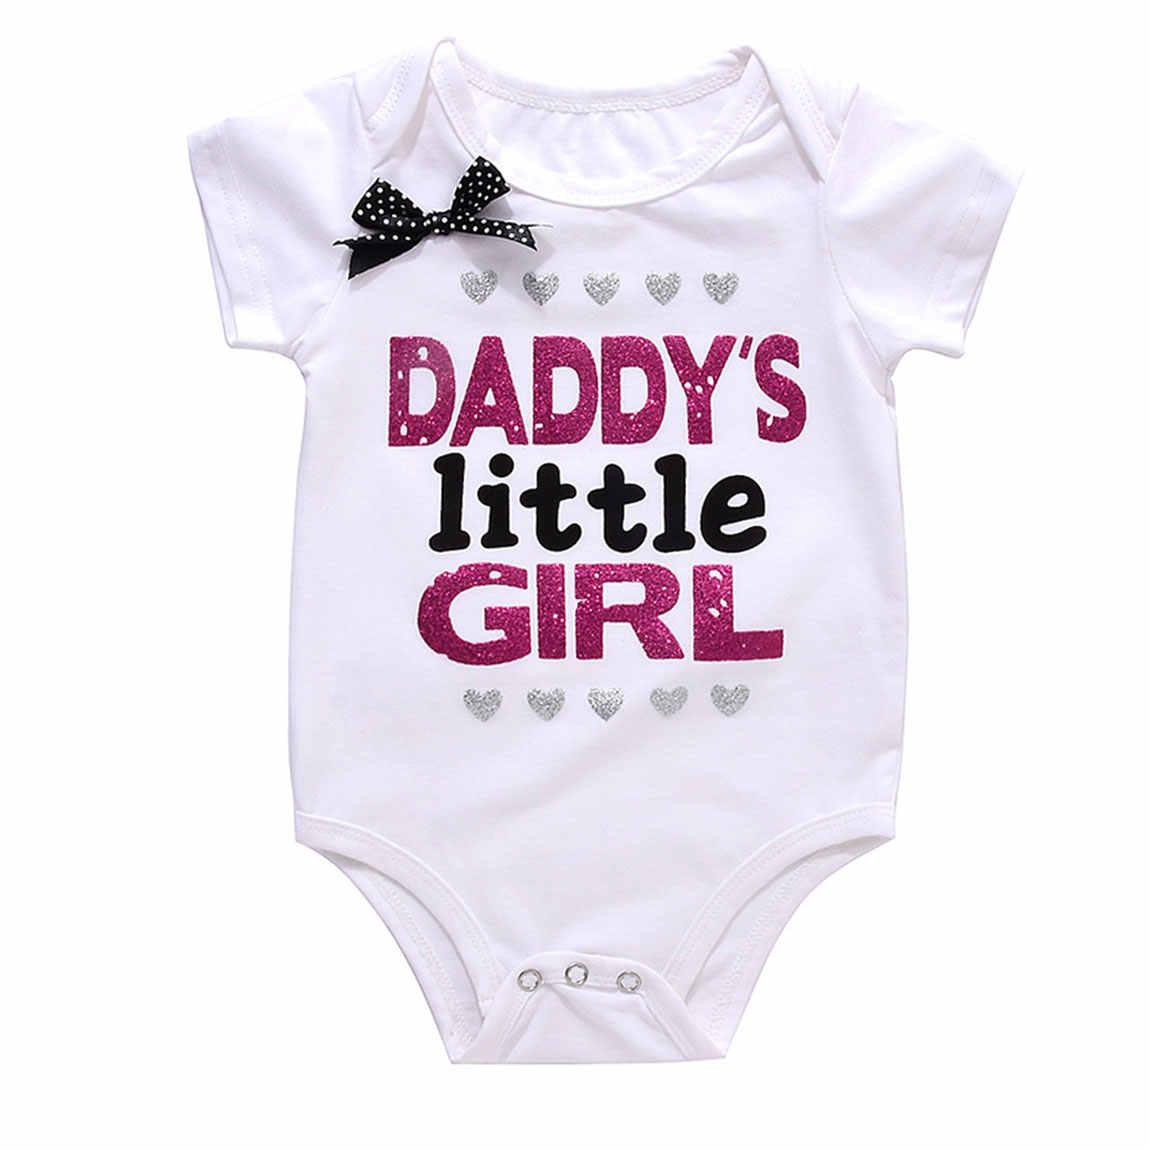 Одежда для младенцев белого и черного цвета от Carter's, детский костюмчик, пап и маленькая девочка одежда с принтом Mommy'S принцессы боди с буквенным принтом